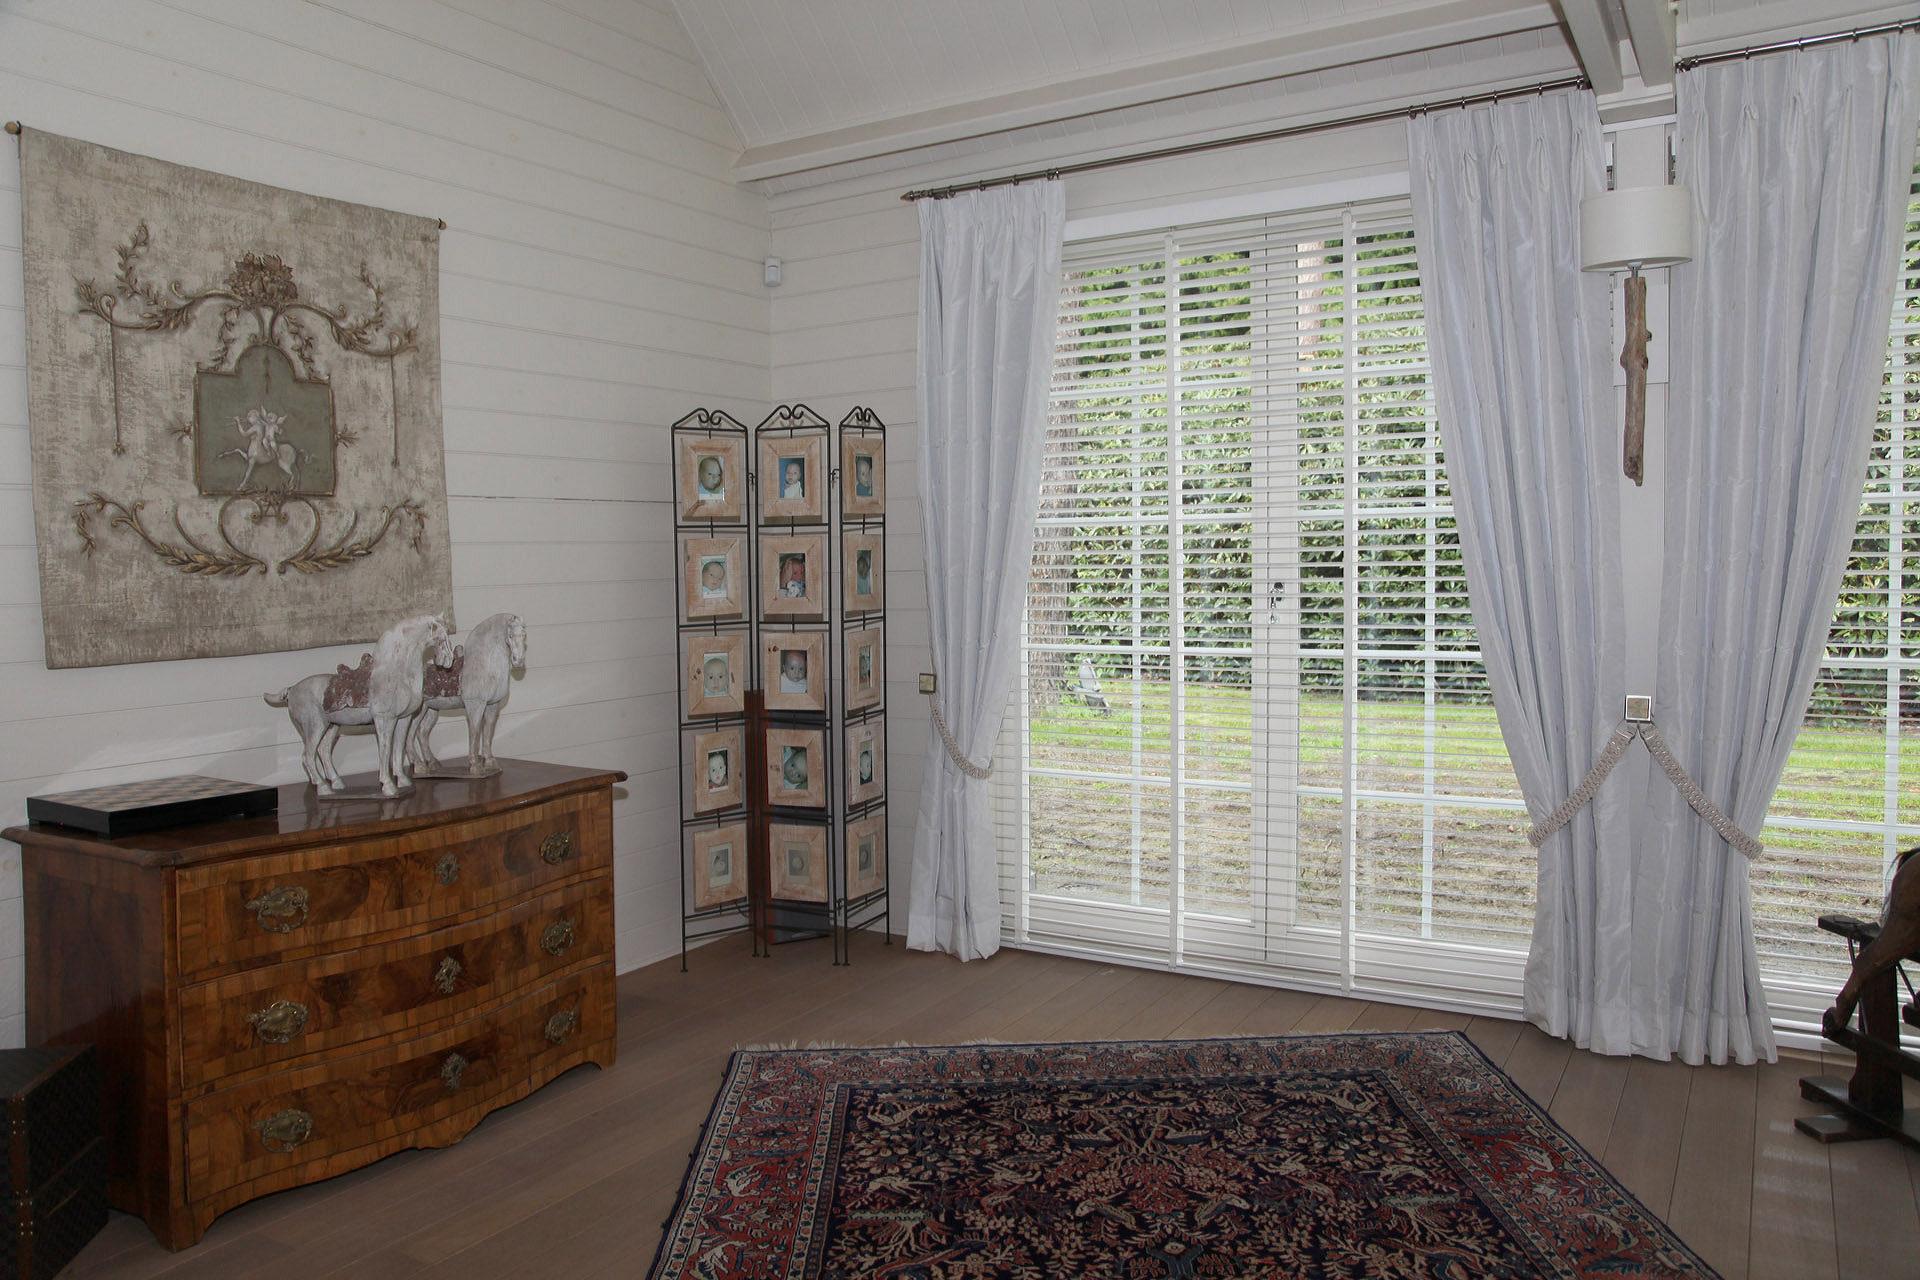 Landelijke decoratie marcotte style for Wonen landelijke stijl decoreren